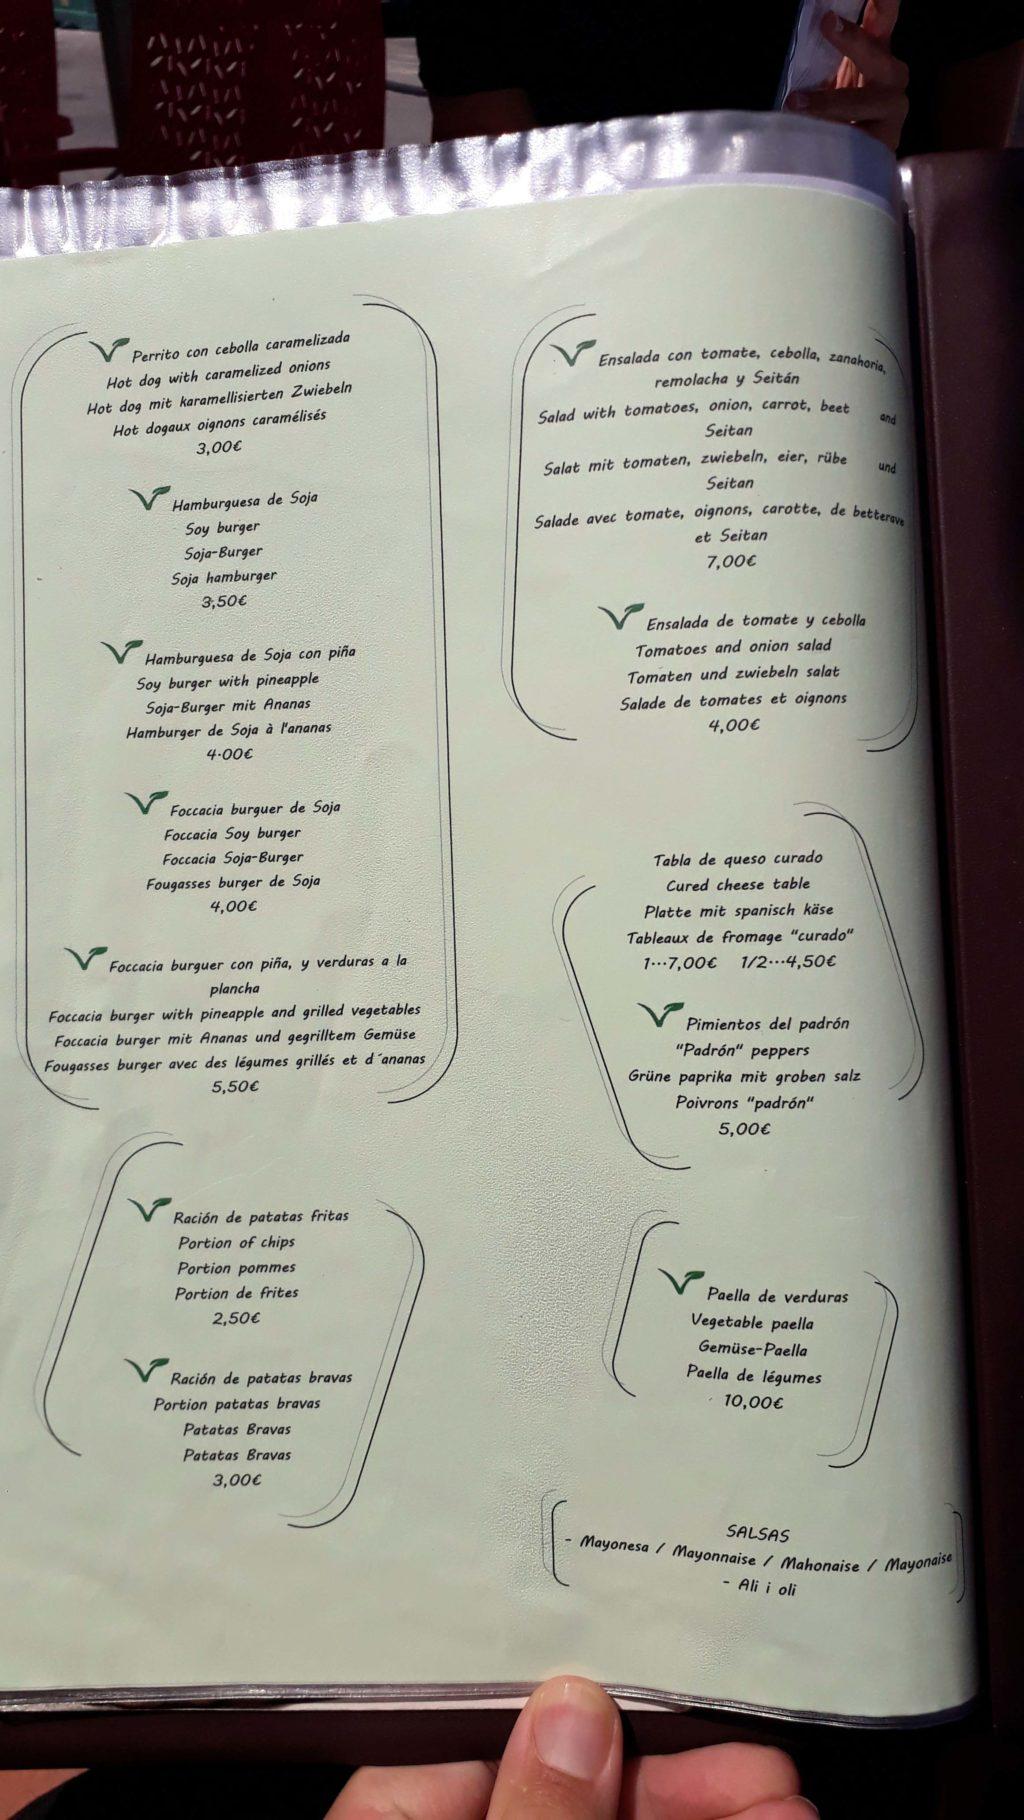 Vegane und vegetarische Karte im Güep Cafe in Port d'Alcúdia, Mallorca